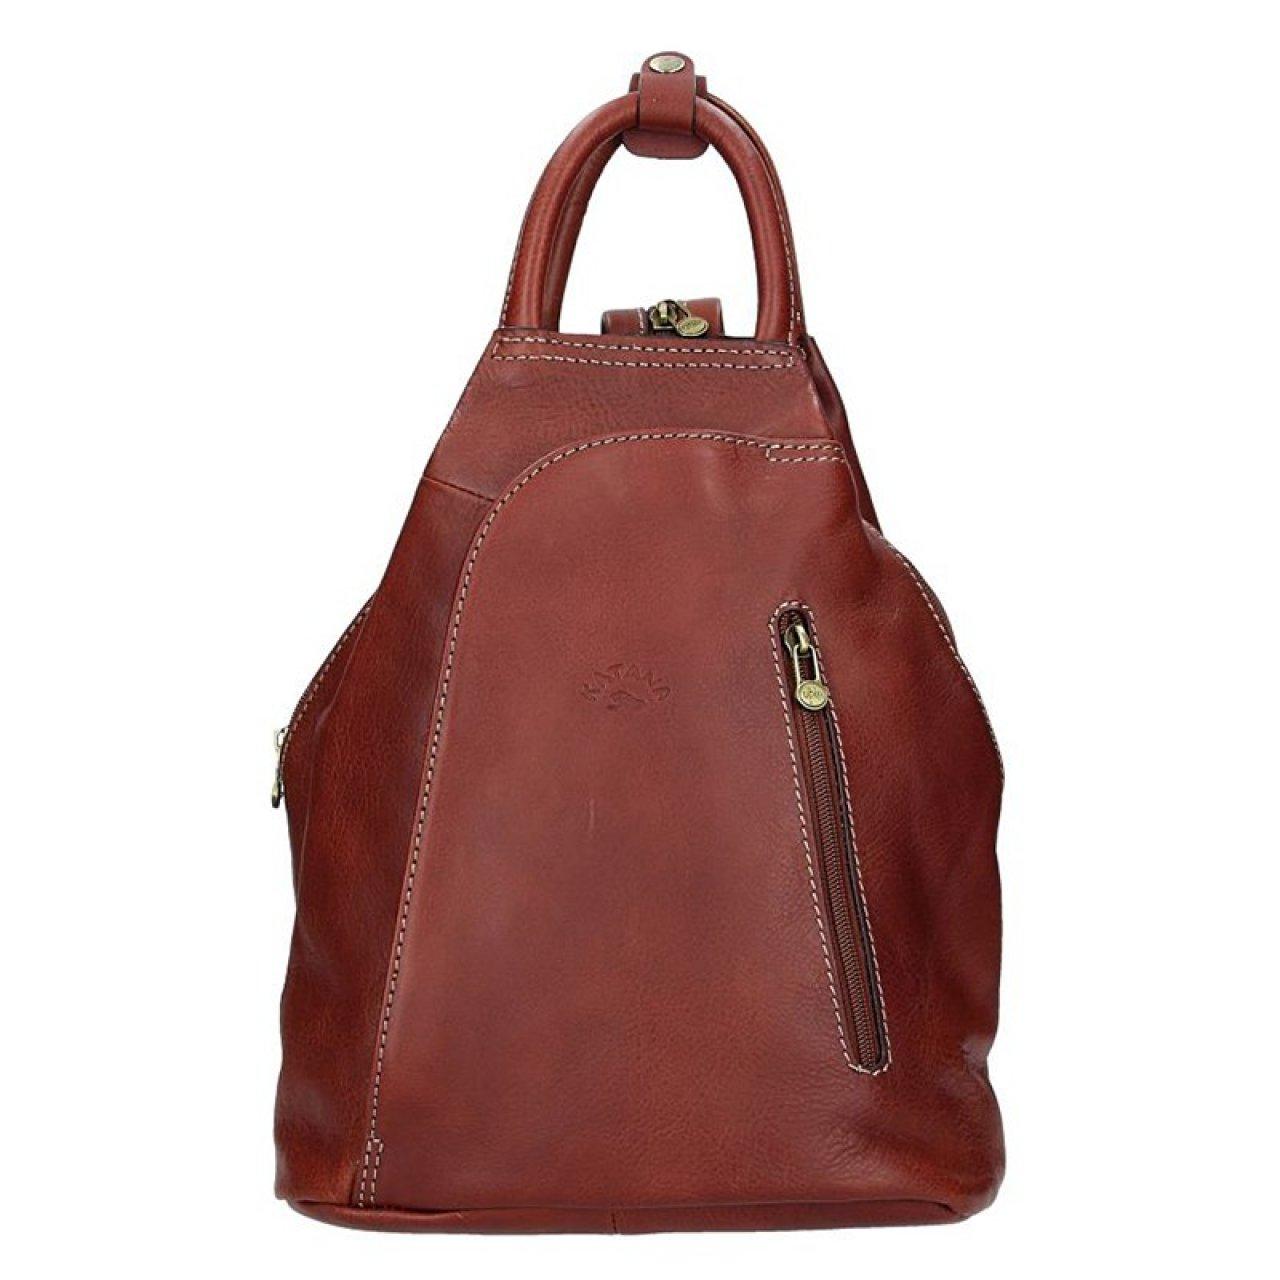 6f0ee2768b6 Elegantní dámský kožený batoh Katana Paula - hnědá